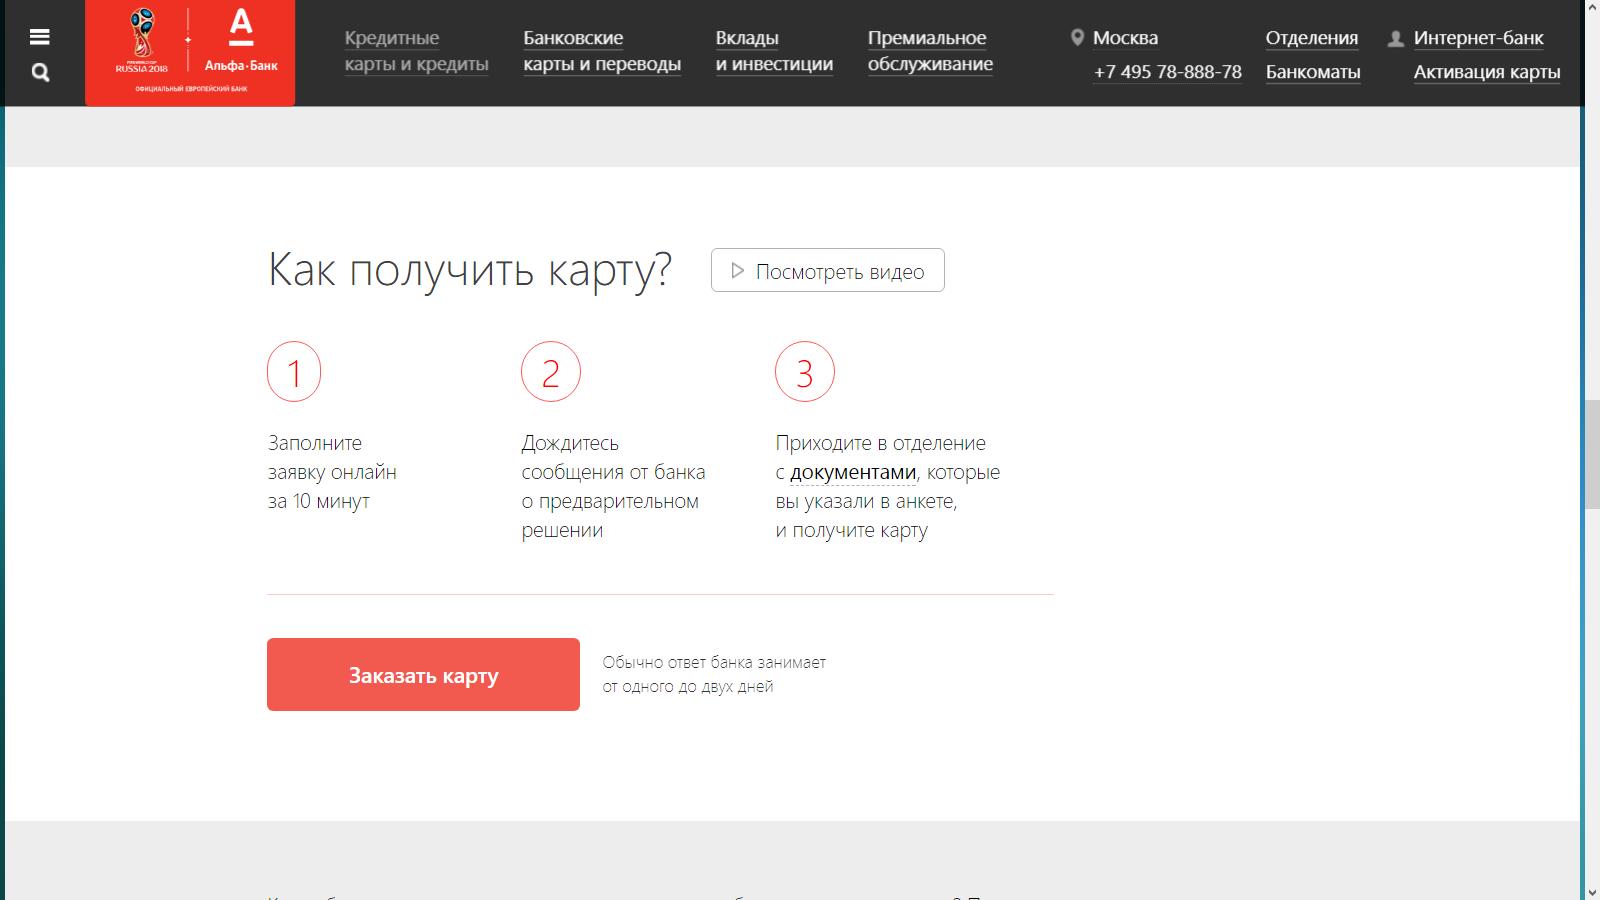 оформление кредитной карты онлайн ru